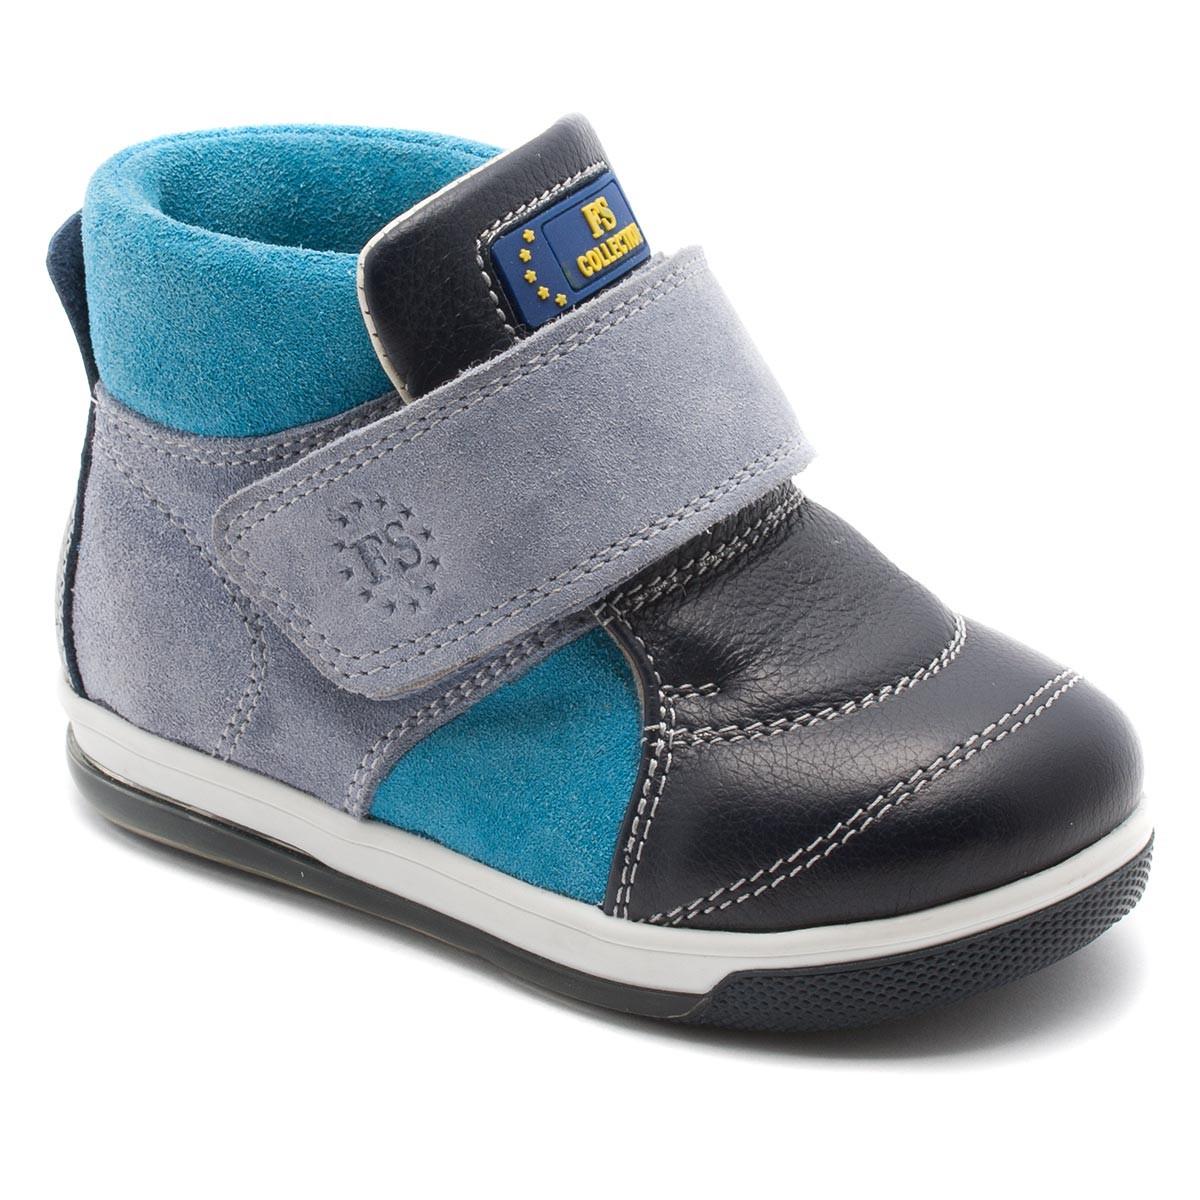 6ffdb9729a8b Кожаные ботинки FS Сollection для мальчика, демисезонные, размер 20-30 -  Детская обувь